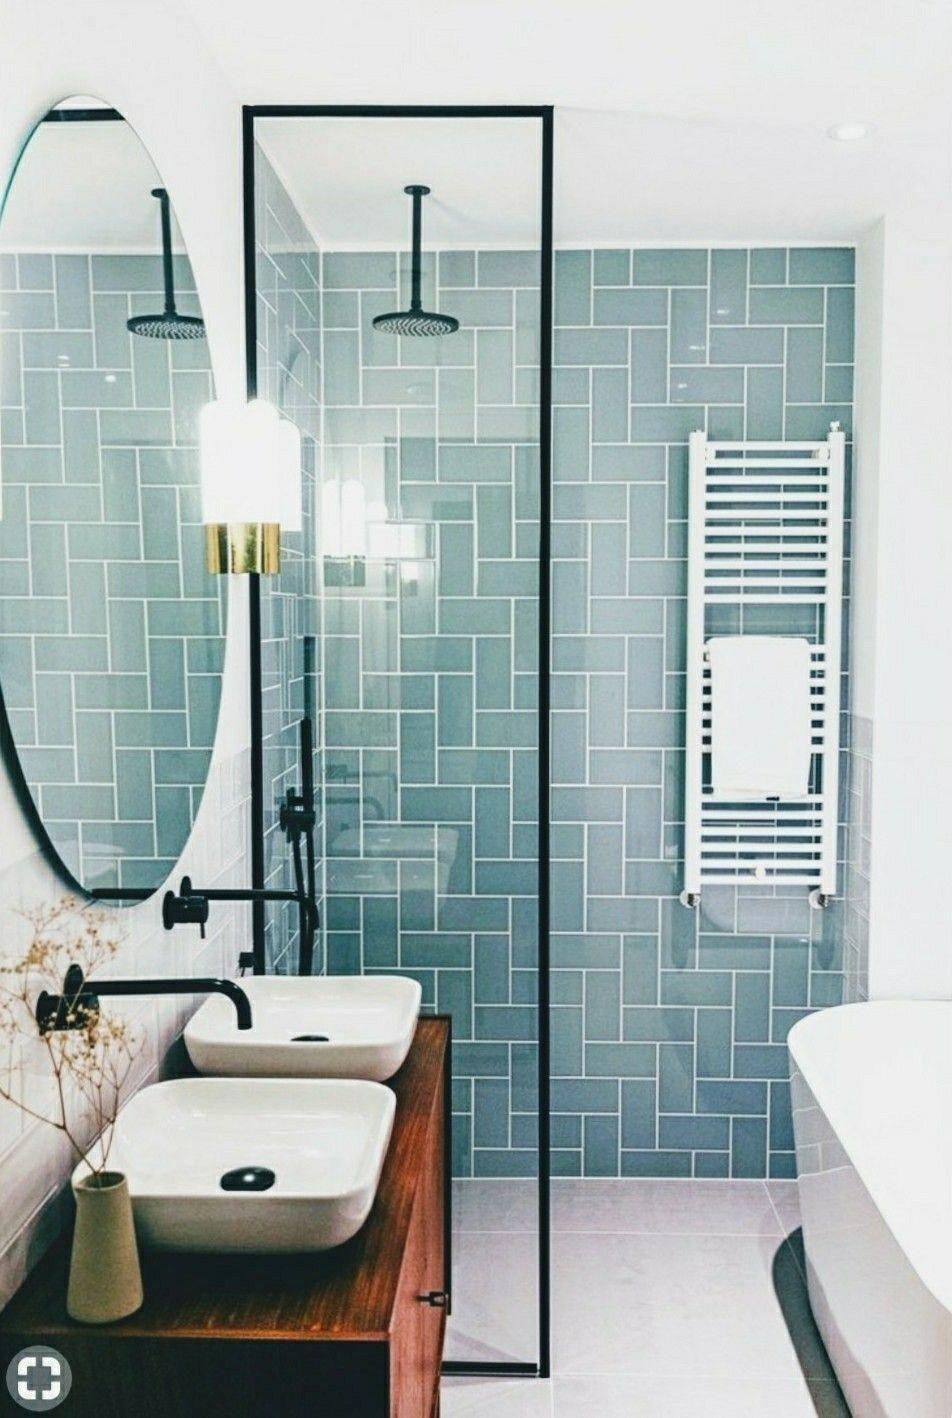 Indeling Mastersuiteremodel Small Bathroom Makeover Small Bathroom Remodel Small Remodel